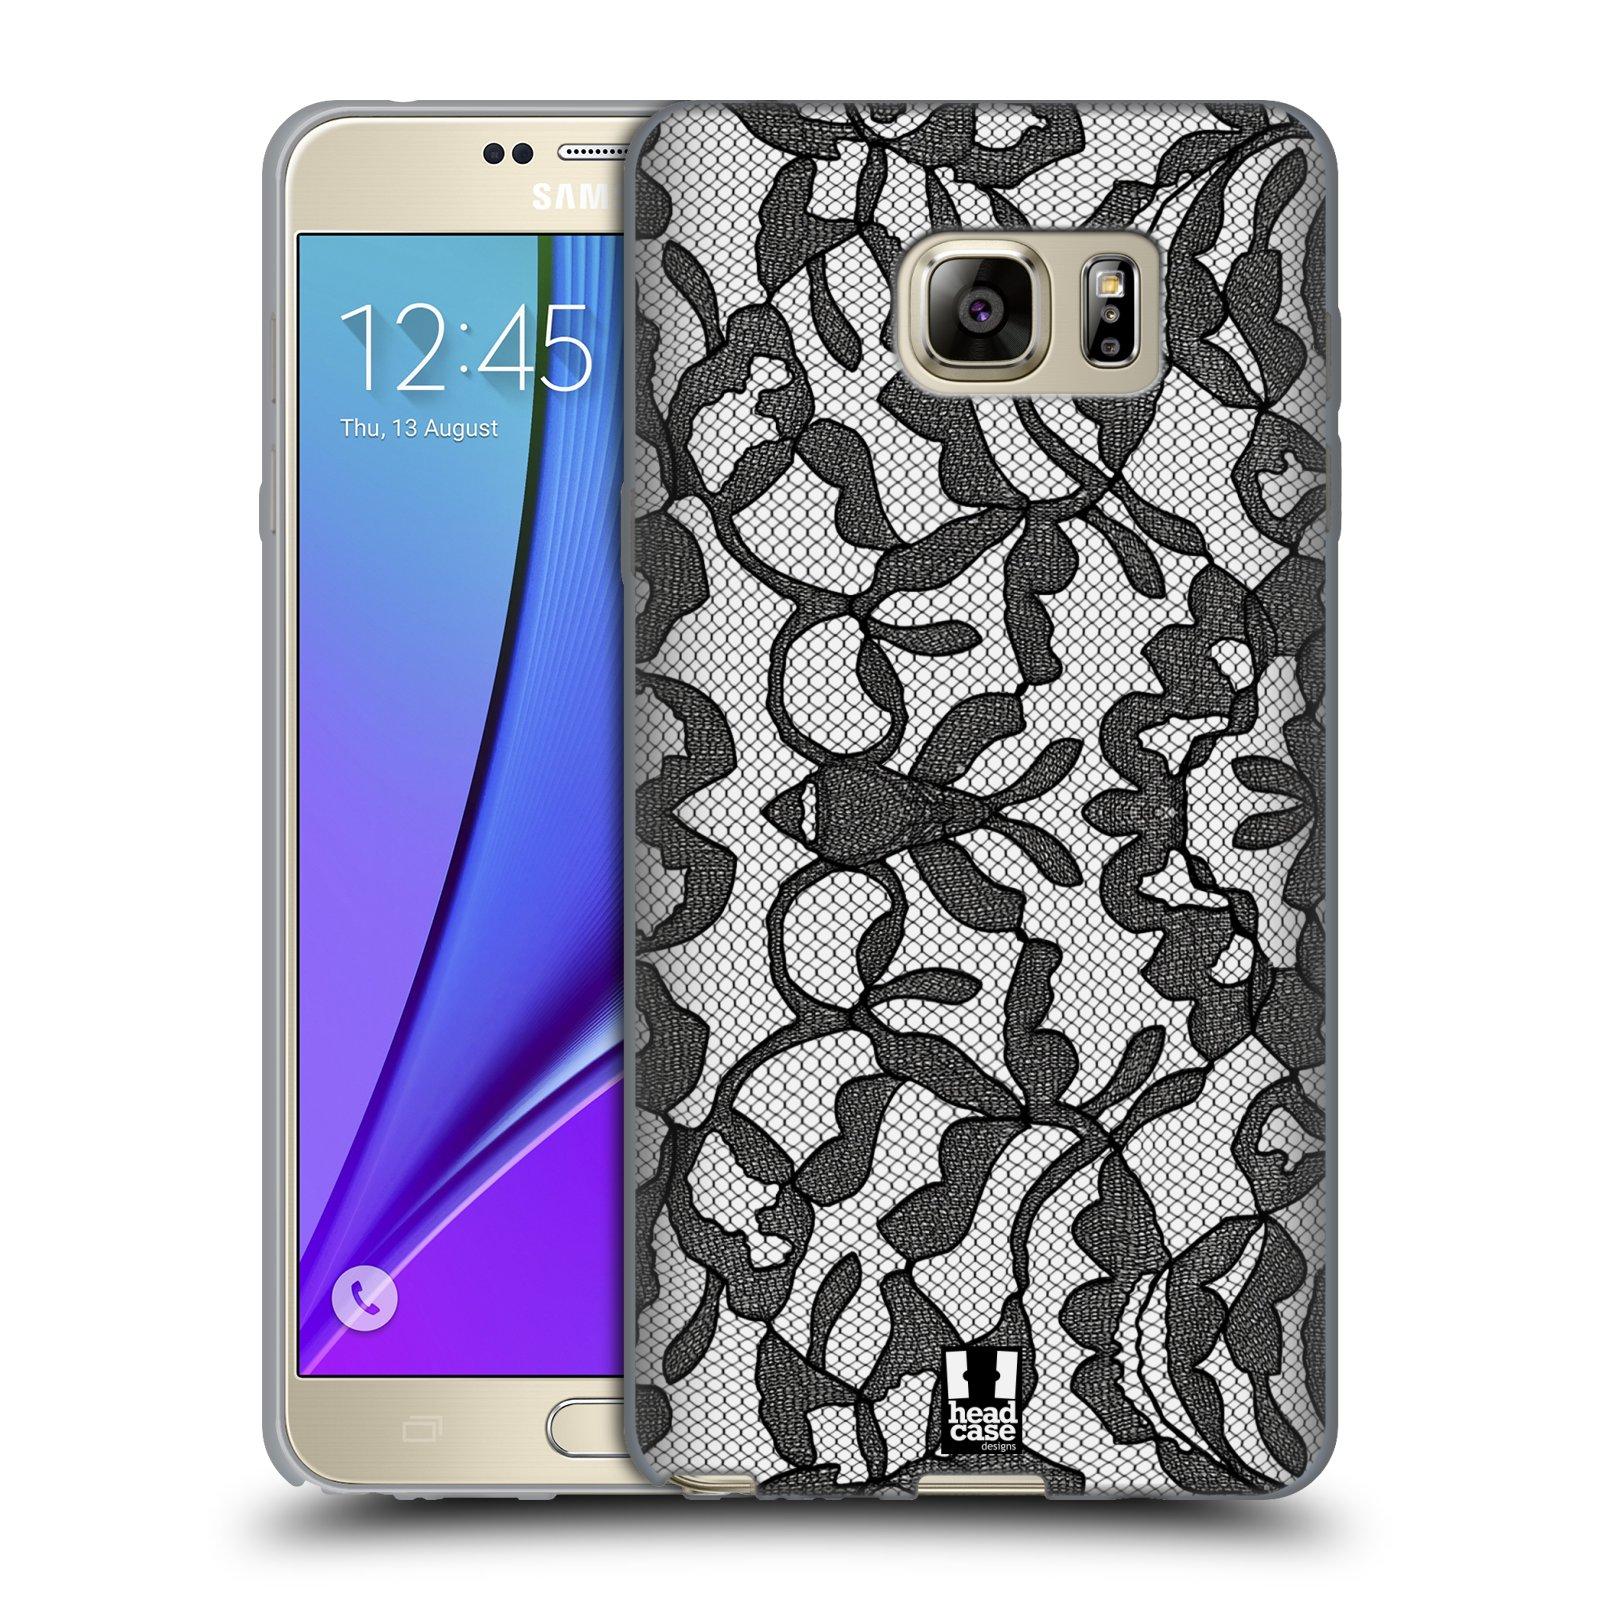 Silikonové pouzdro na mobil Samsung Galaxy Note 5 HEAD CASE LEAFY KRAJKA (Silikonový kryt či obal na mobilní telefon Samsung Galaxy Note 5 SM-N920)